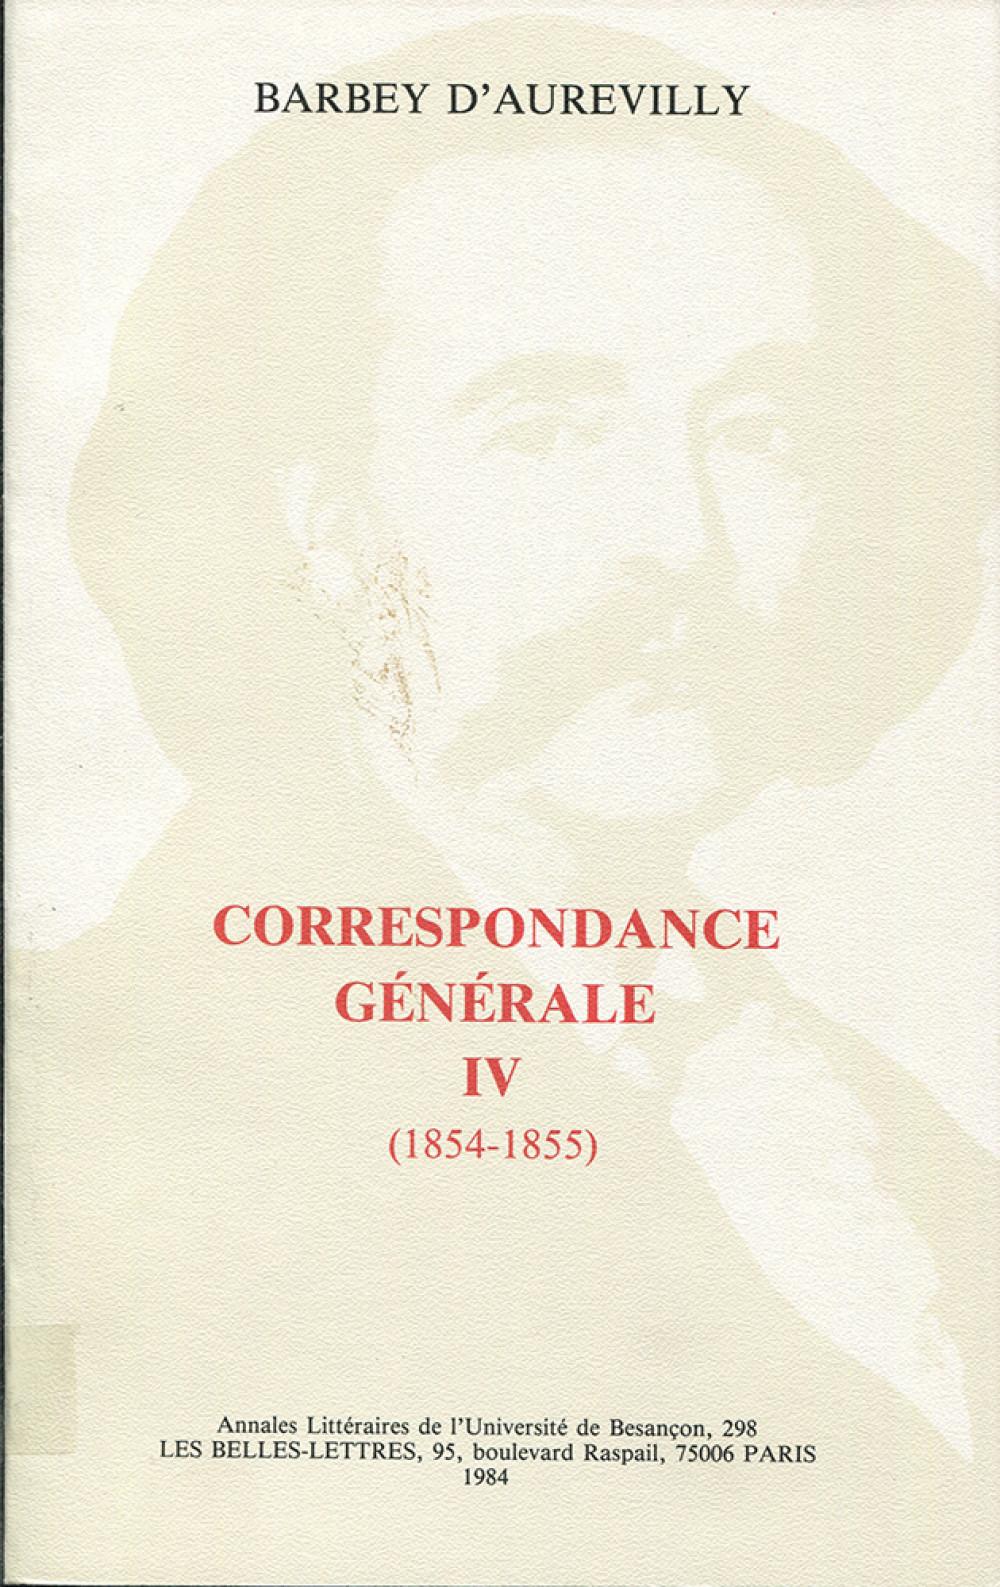 Correspondance générale de Barbey d'Aurevilly IV (1854-1855)